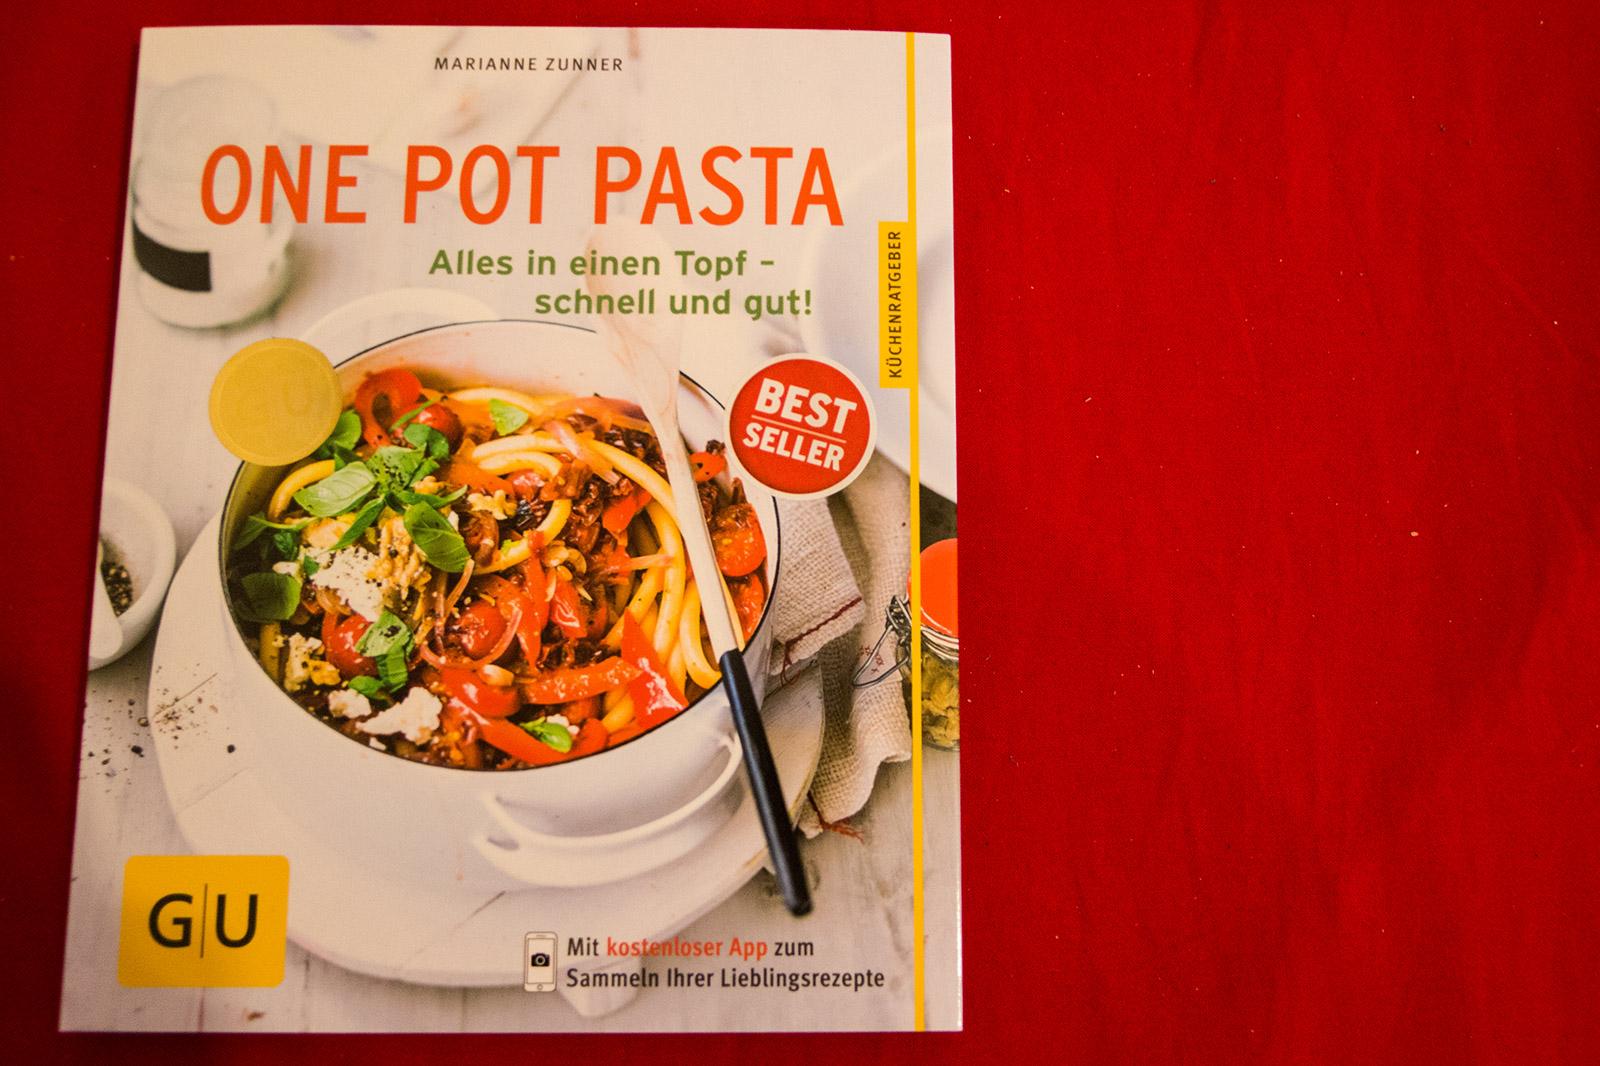 One Pot Pasta: Alles in einen Topf - schnell und gut!